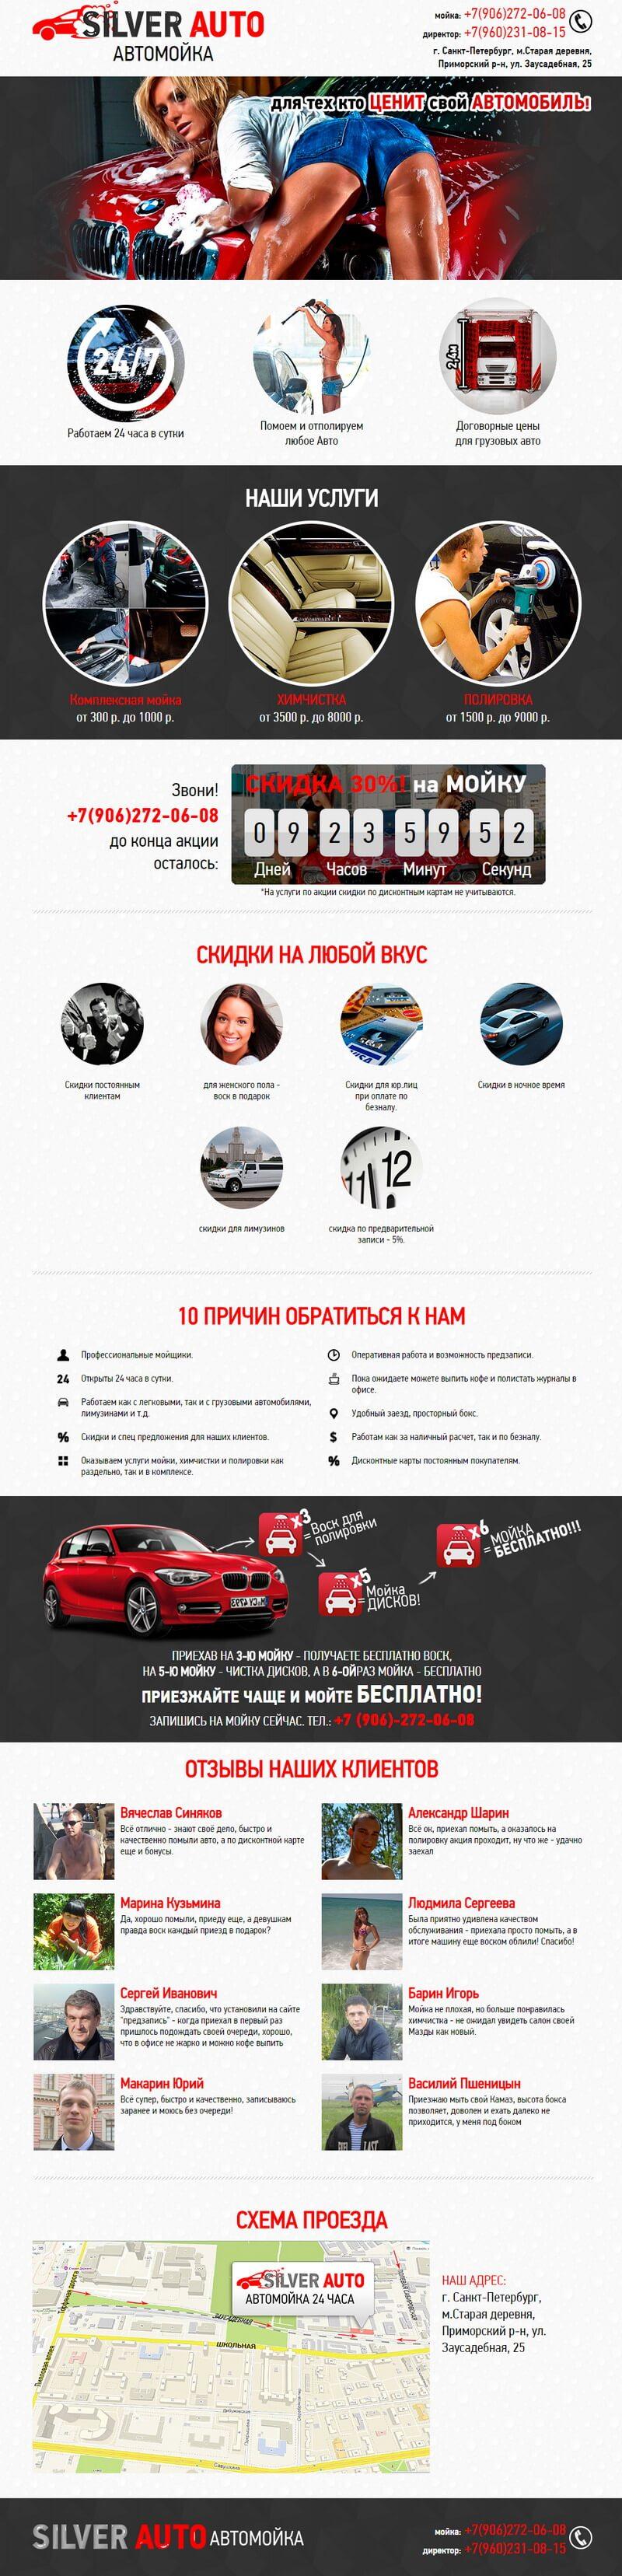 Сайт автомойки